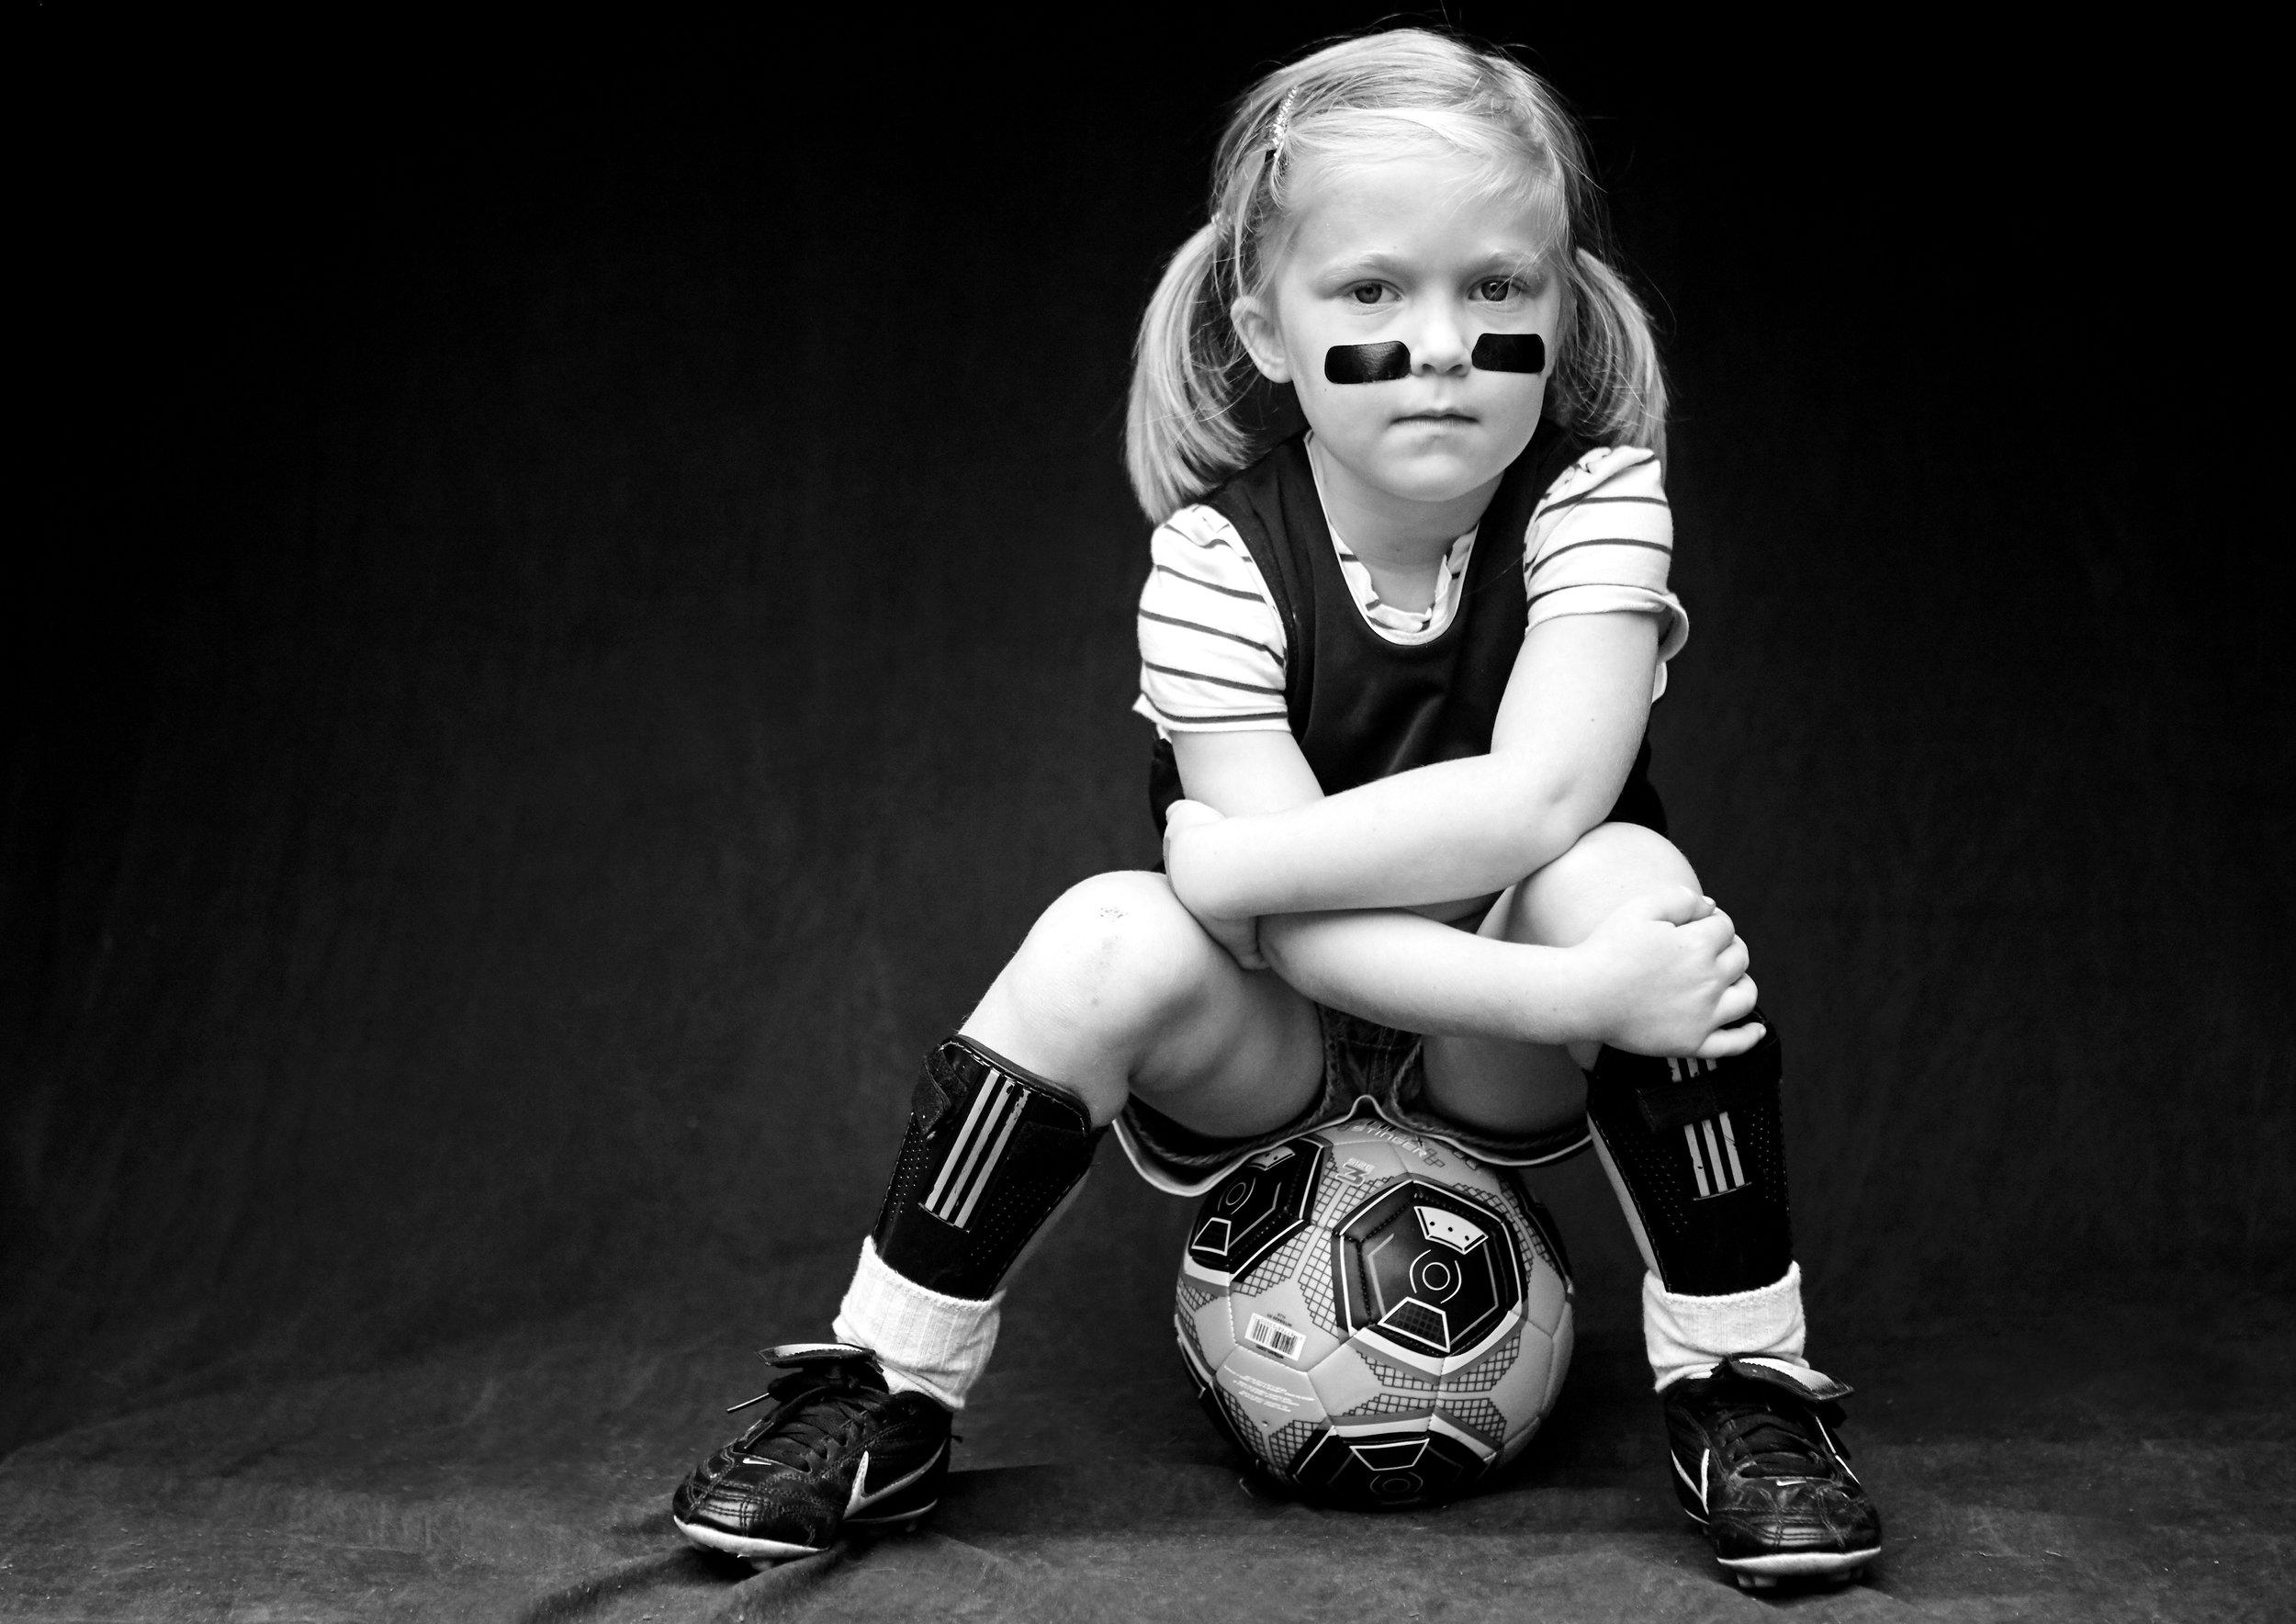 rowayton_soccer_kids_007r.jpg